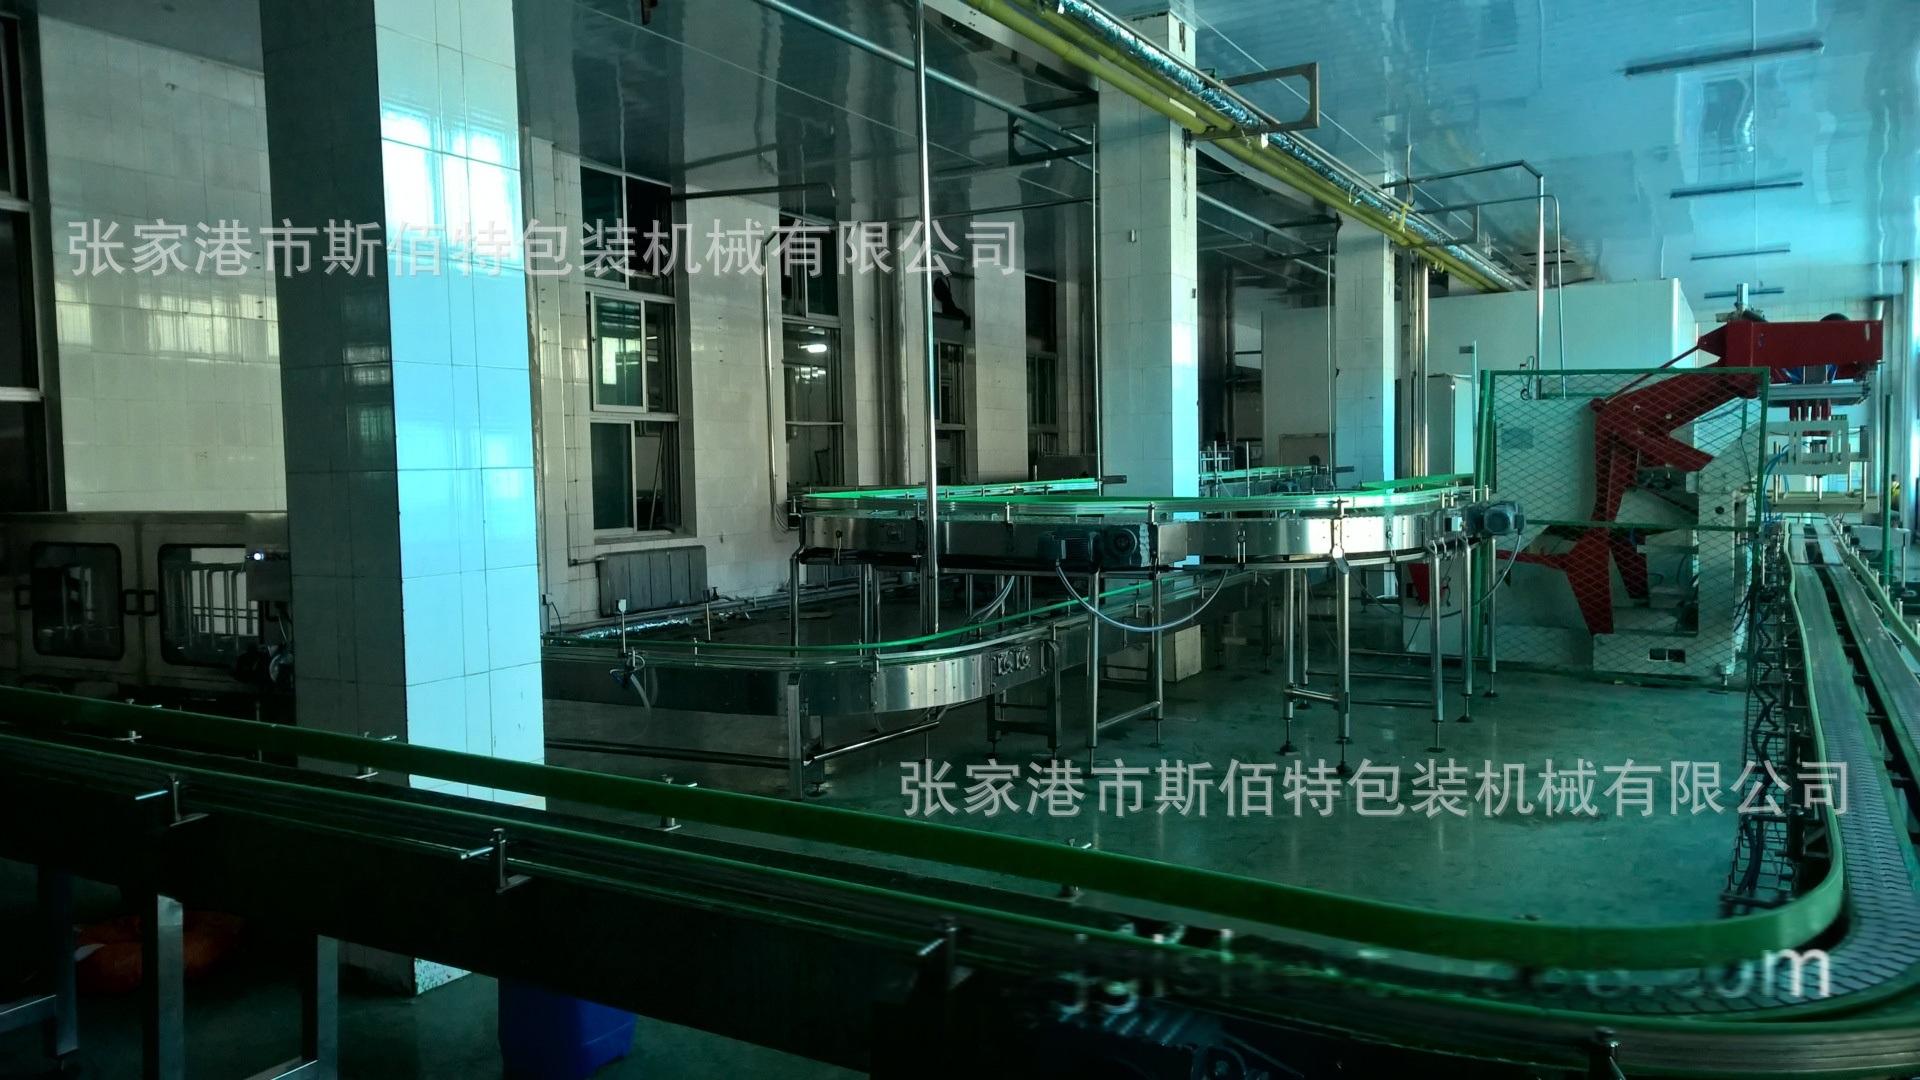 玻璃瓶含气饮料生产线